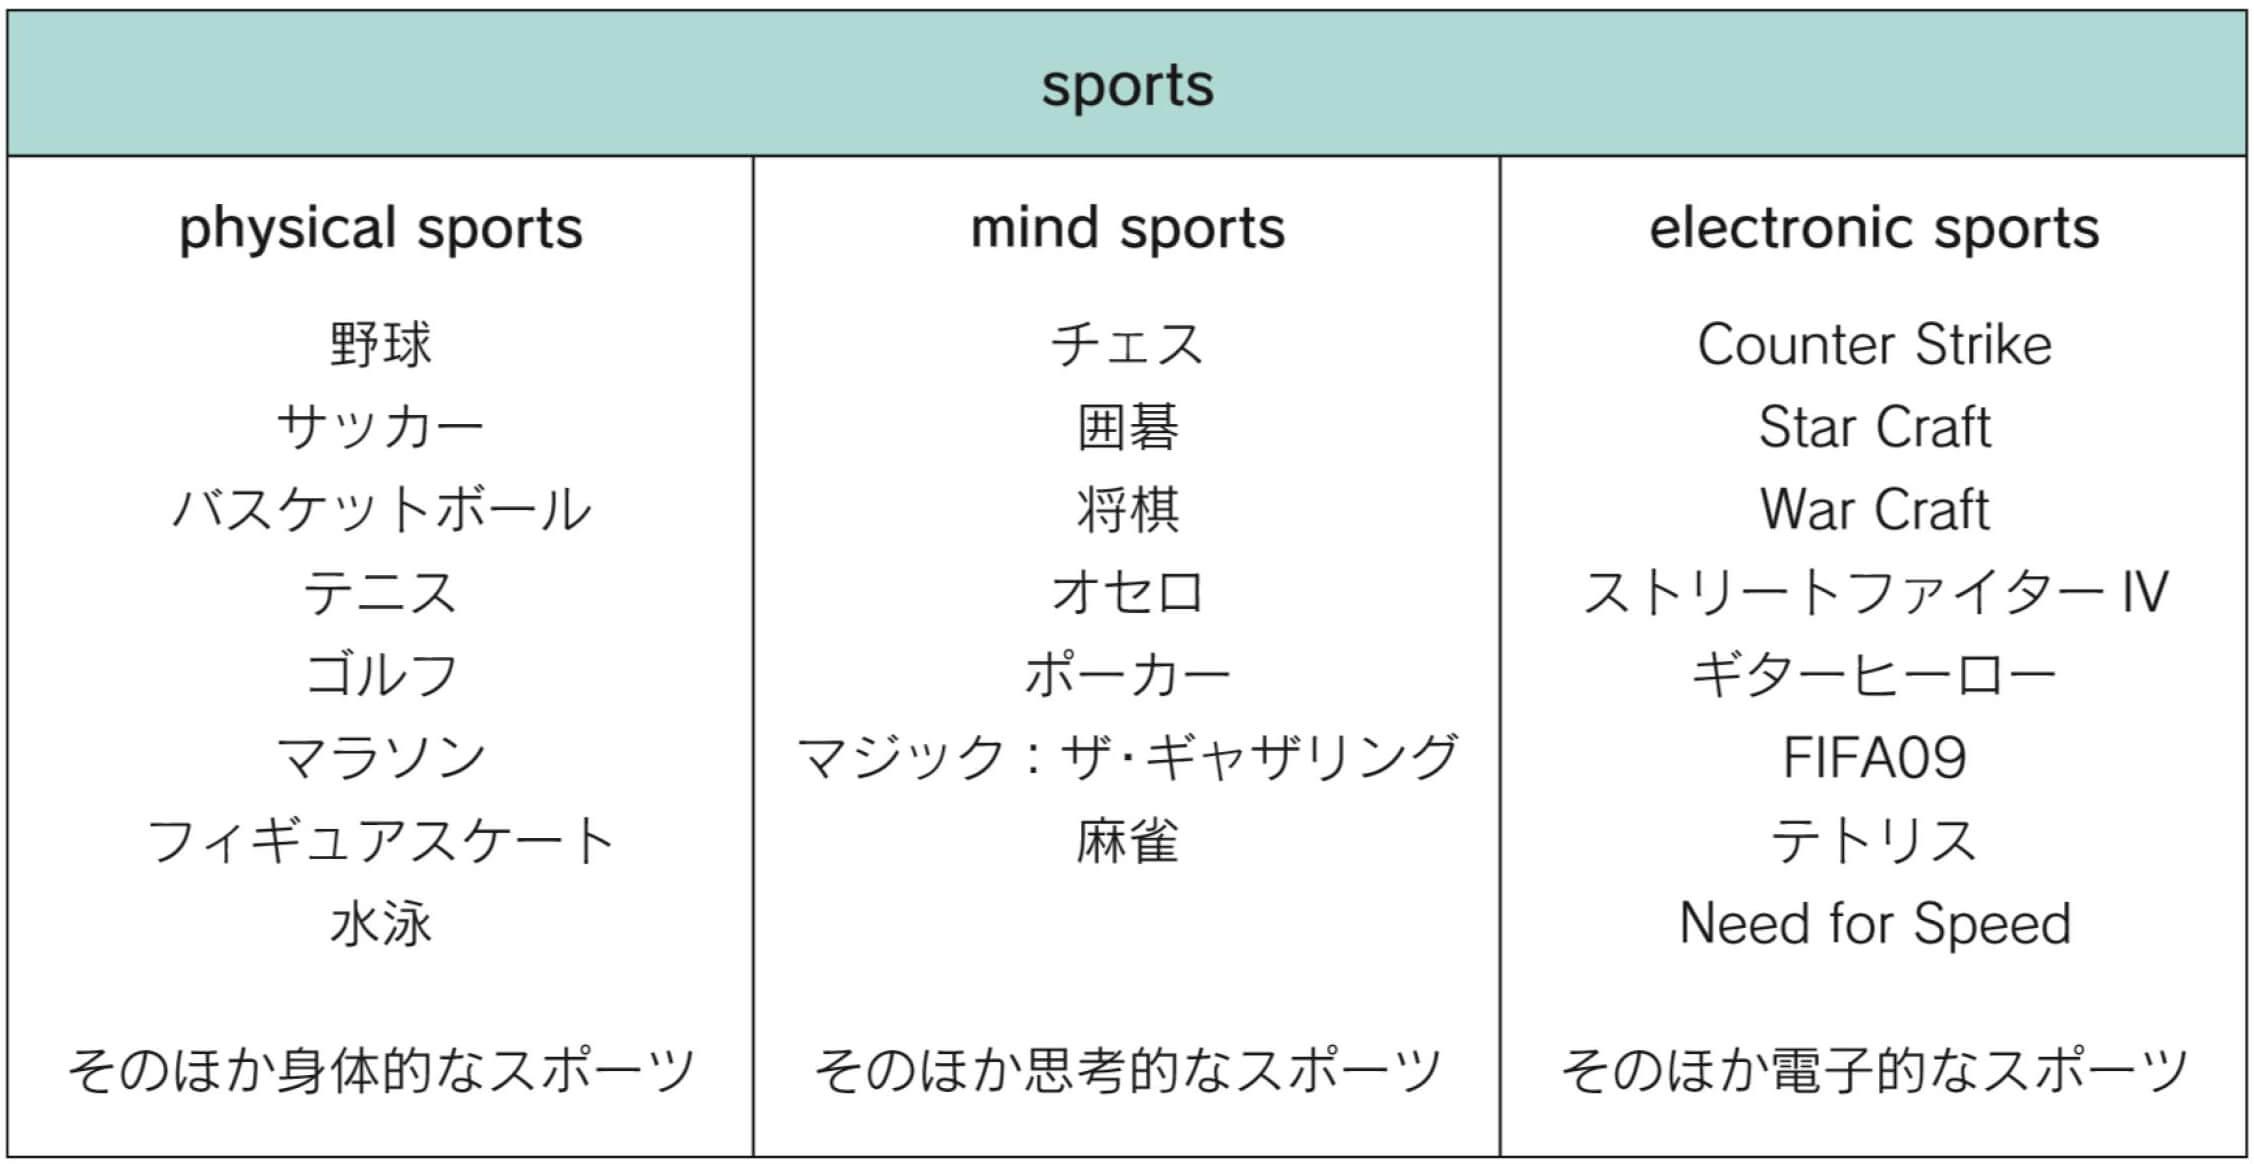 デジタルゲームの教科書 HD無料公開版-スポーツの3分類